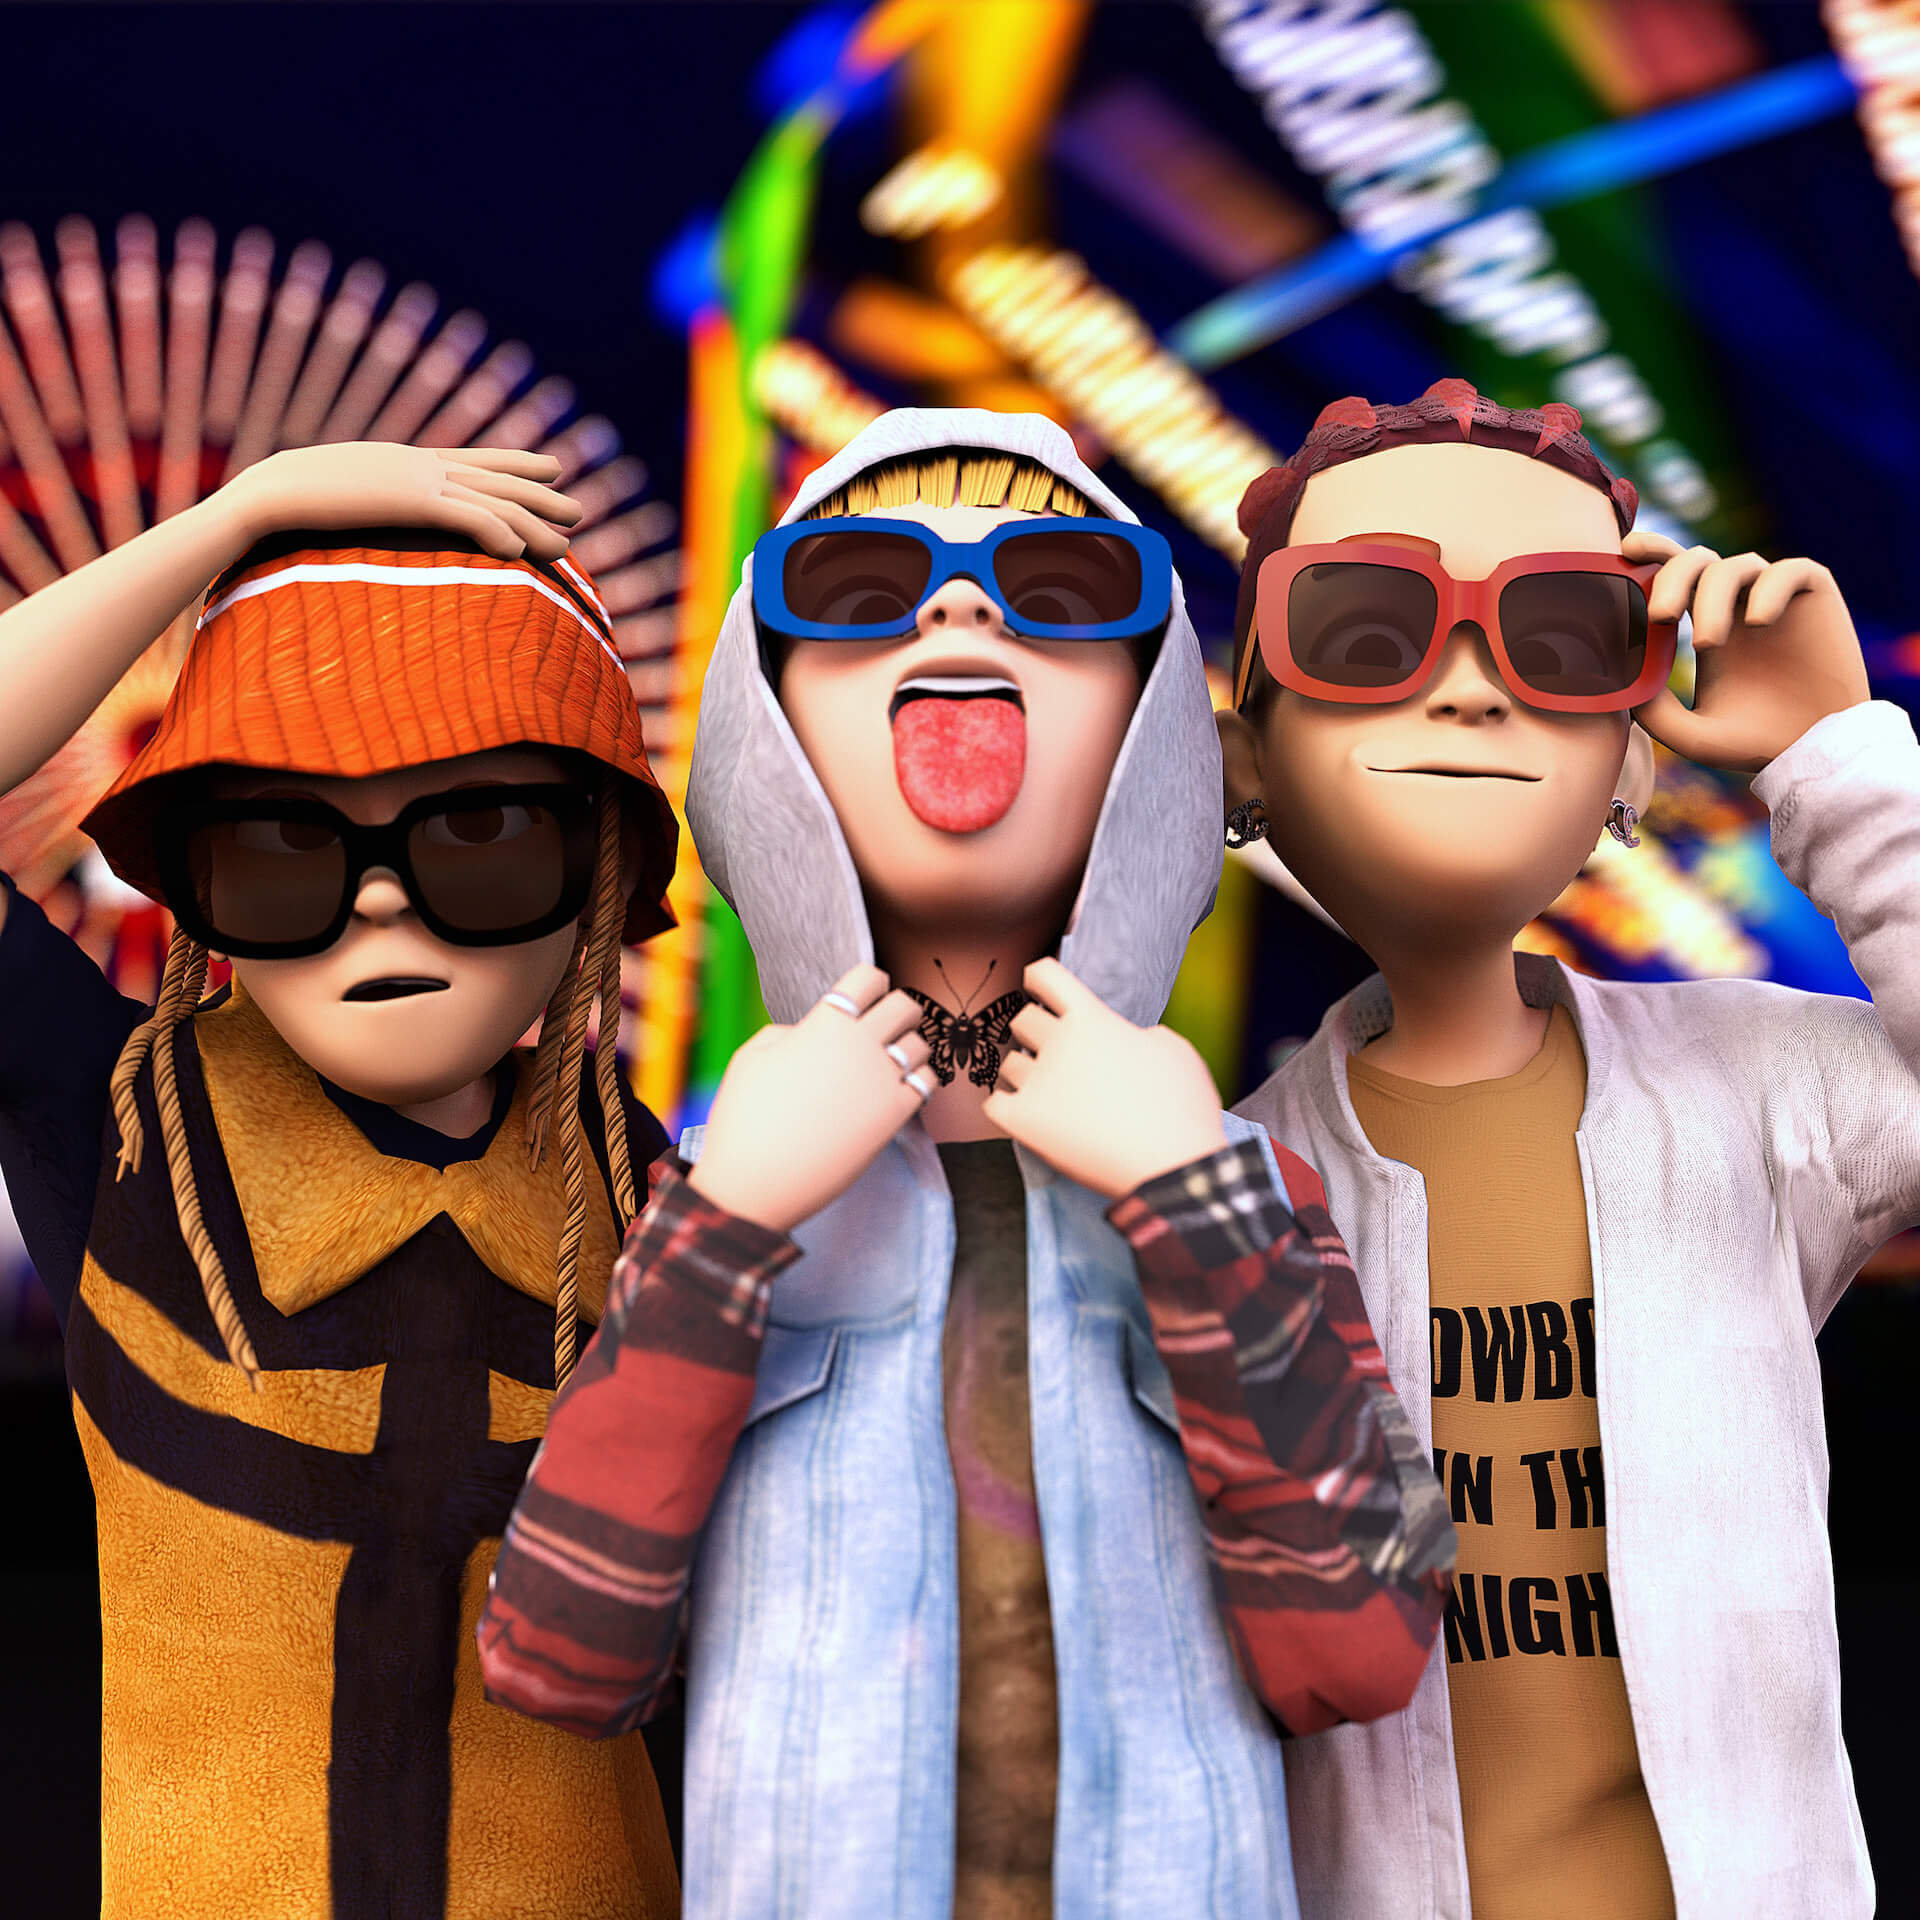 LEX、Only U、Yung sticky womによるコラボアルバム『COSMO WORLD』が本日配信リリース!KMがミキシング&マスタリングを担当 music210721_lex_onlyu_wom_1